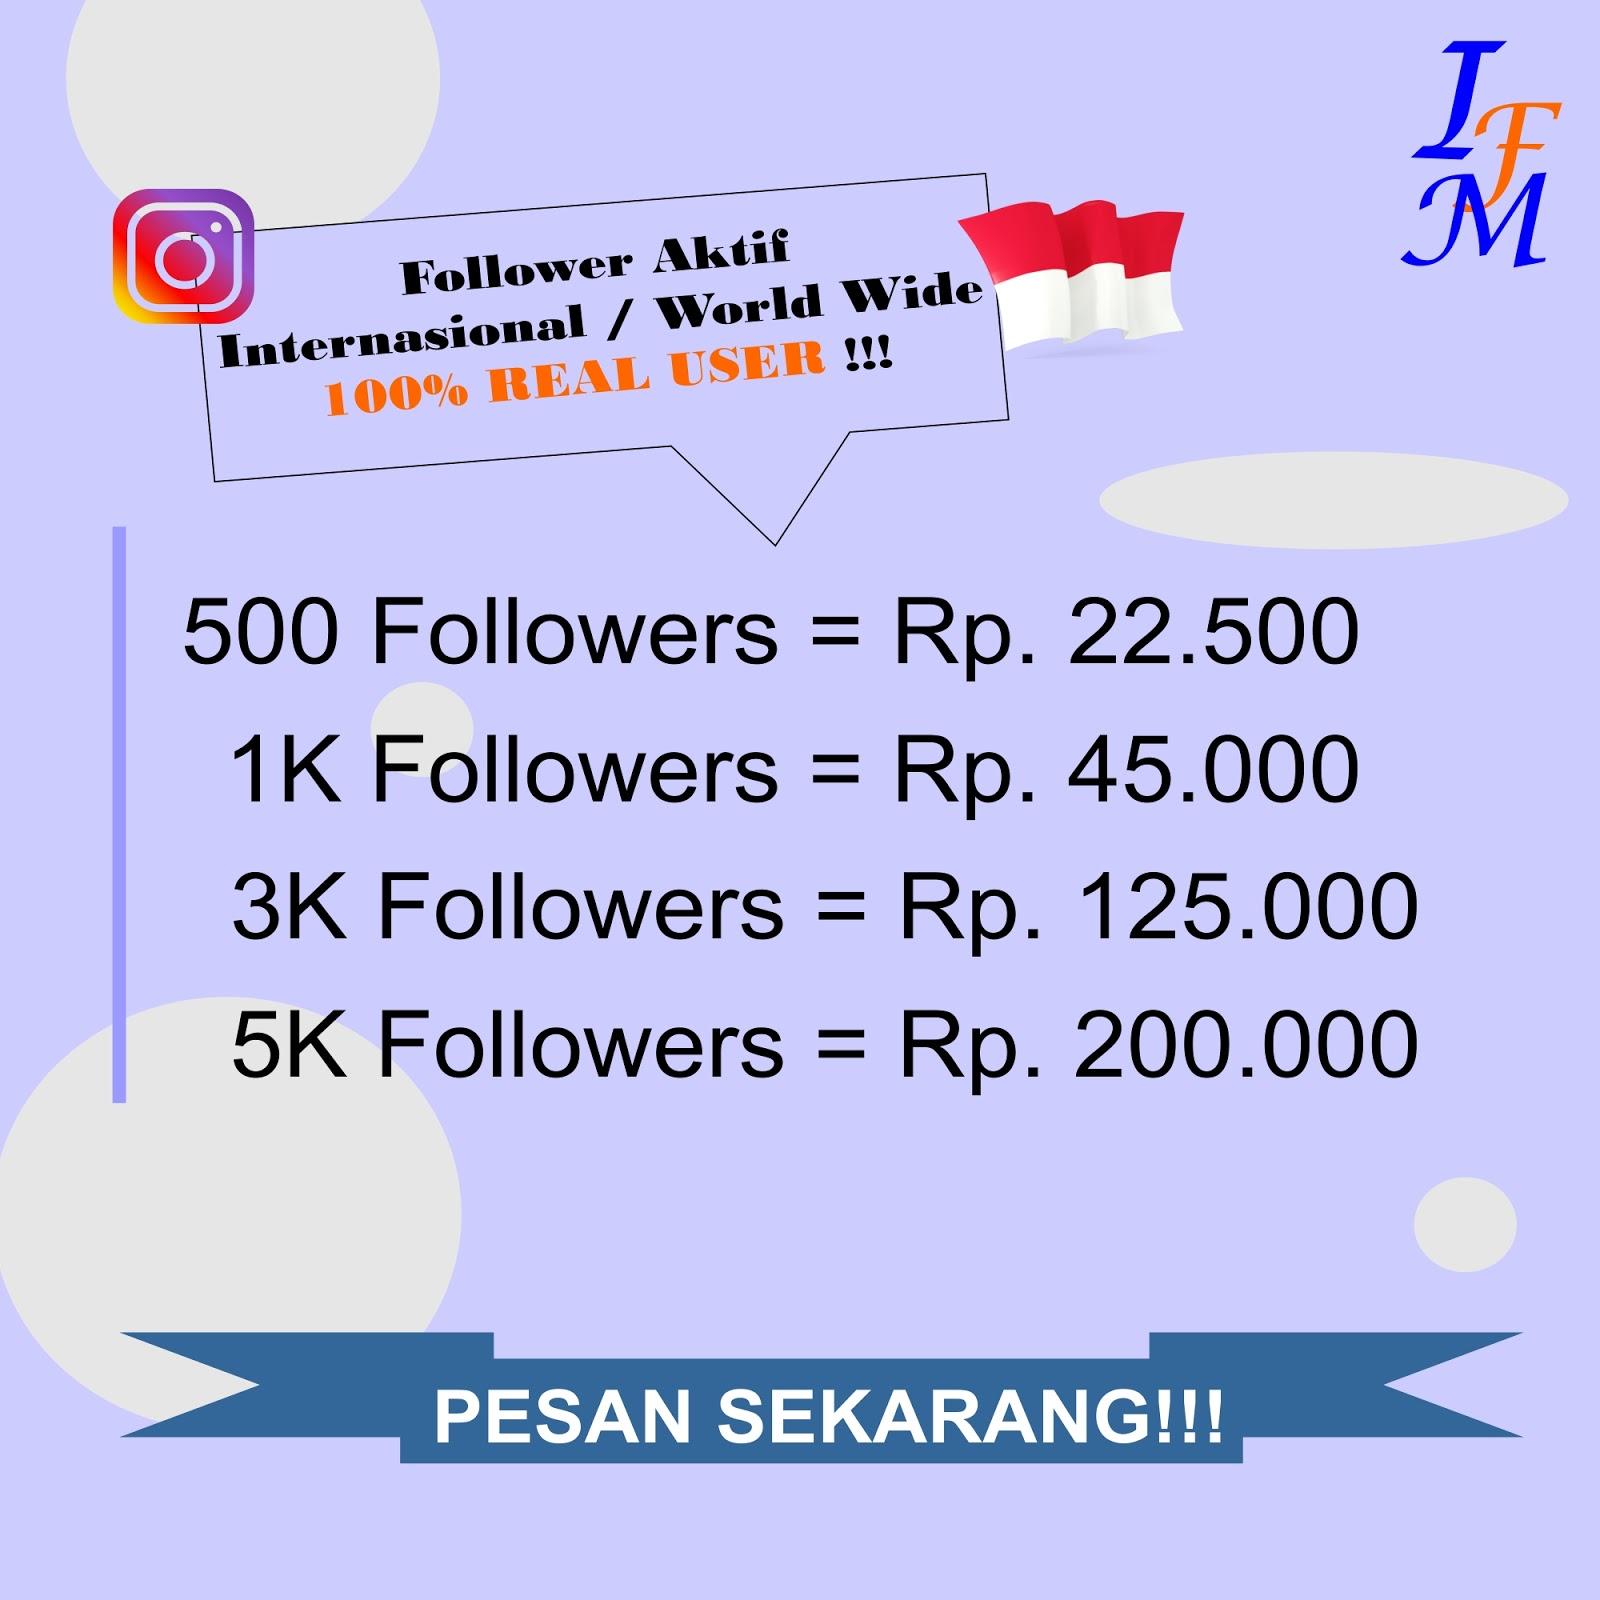 Jasa Tambah Follower Akun Instagram Aktif Mix Worldwide 100% Real User